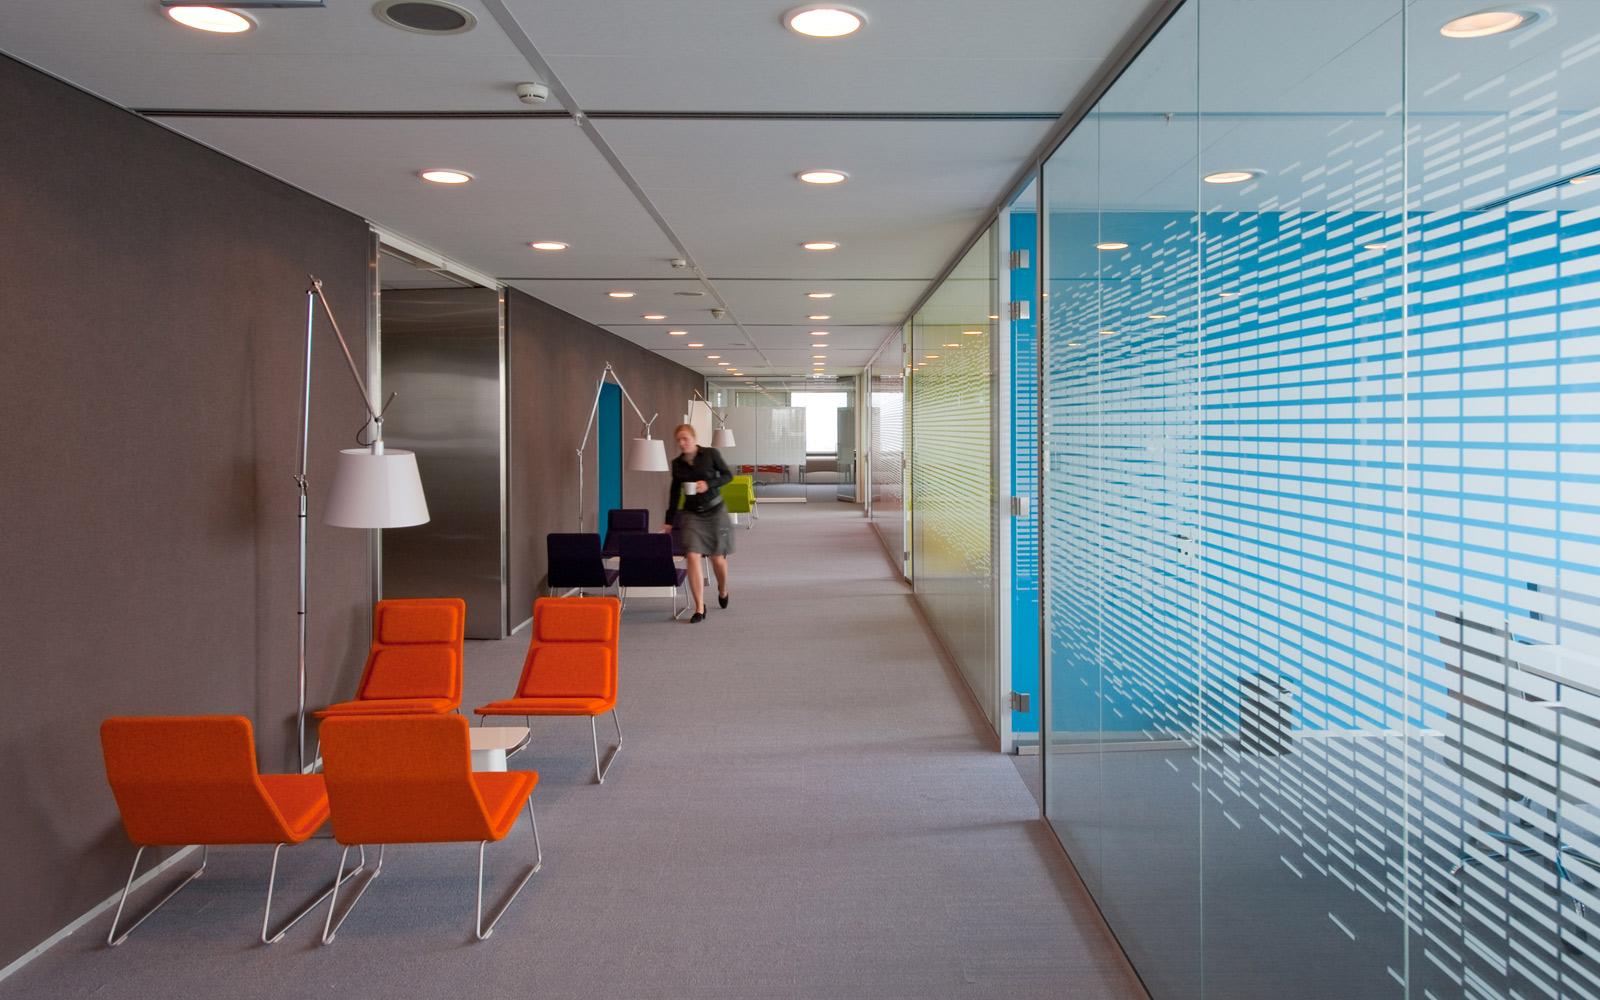 interieur-kantoor-robeco-021-3.jpg » Broekbakema